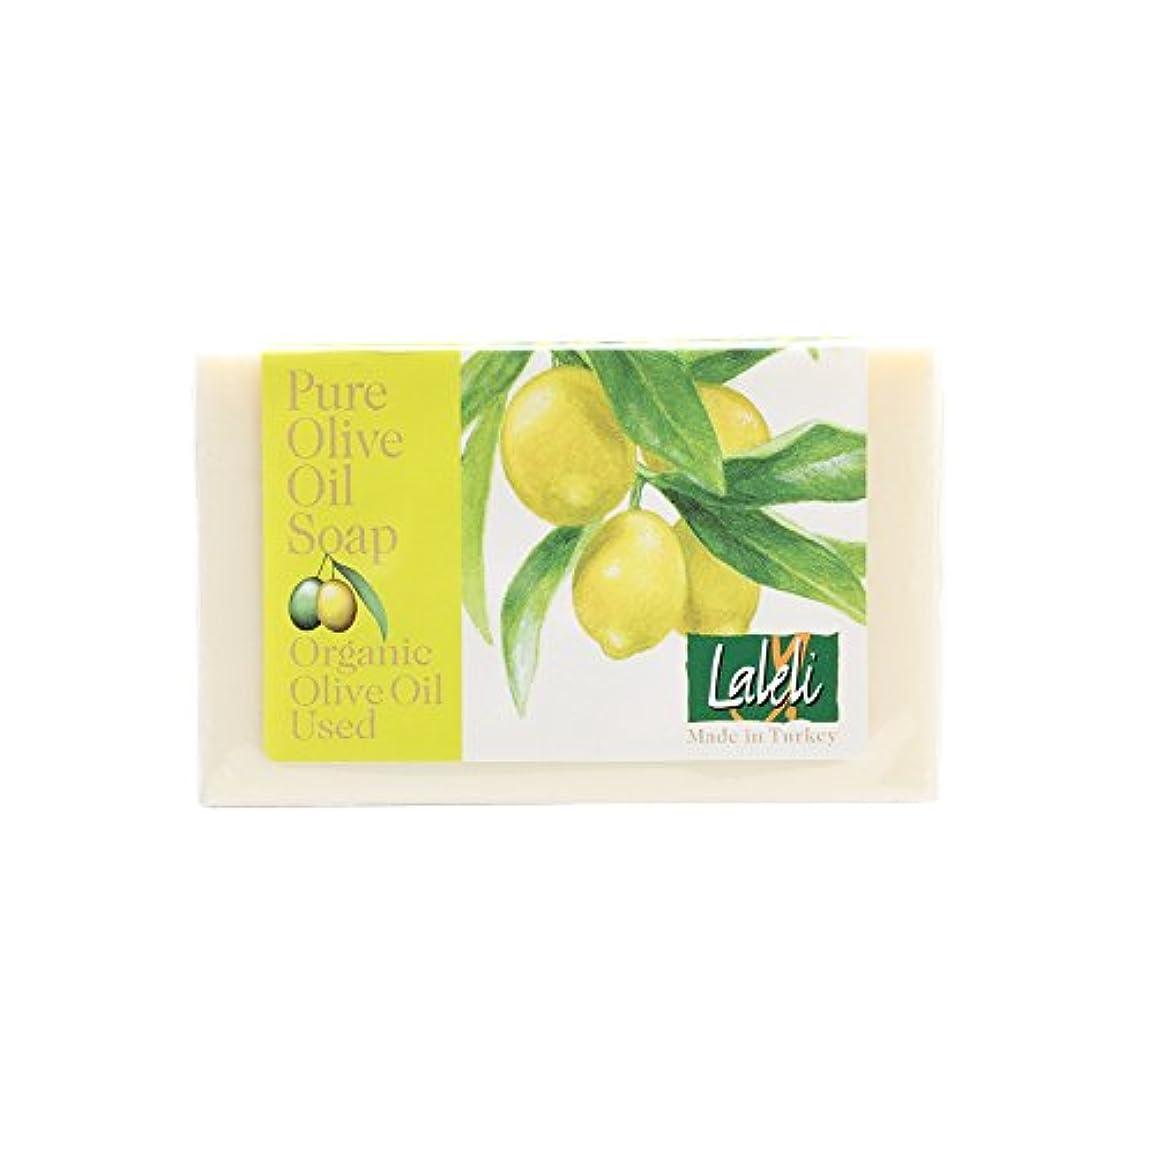 ラップデンプシー達成ラーレリ オーガニックオリーブオイルソープ レモン 120g